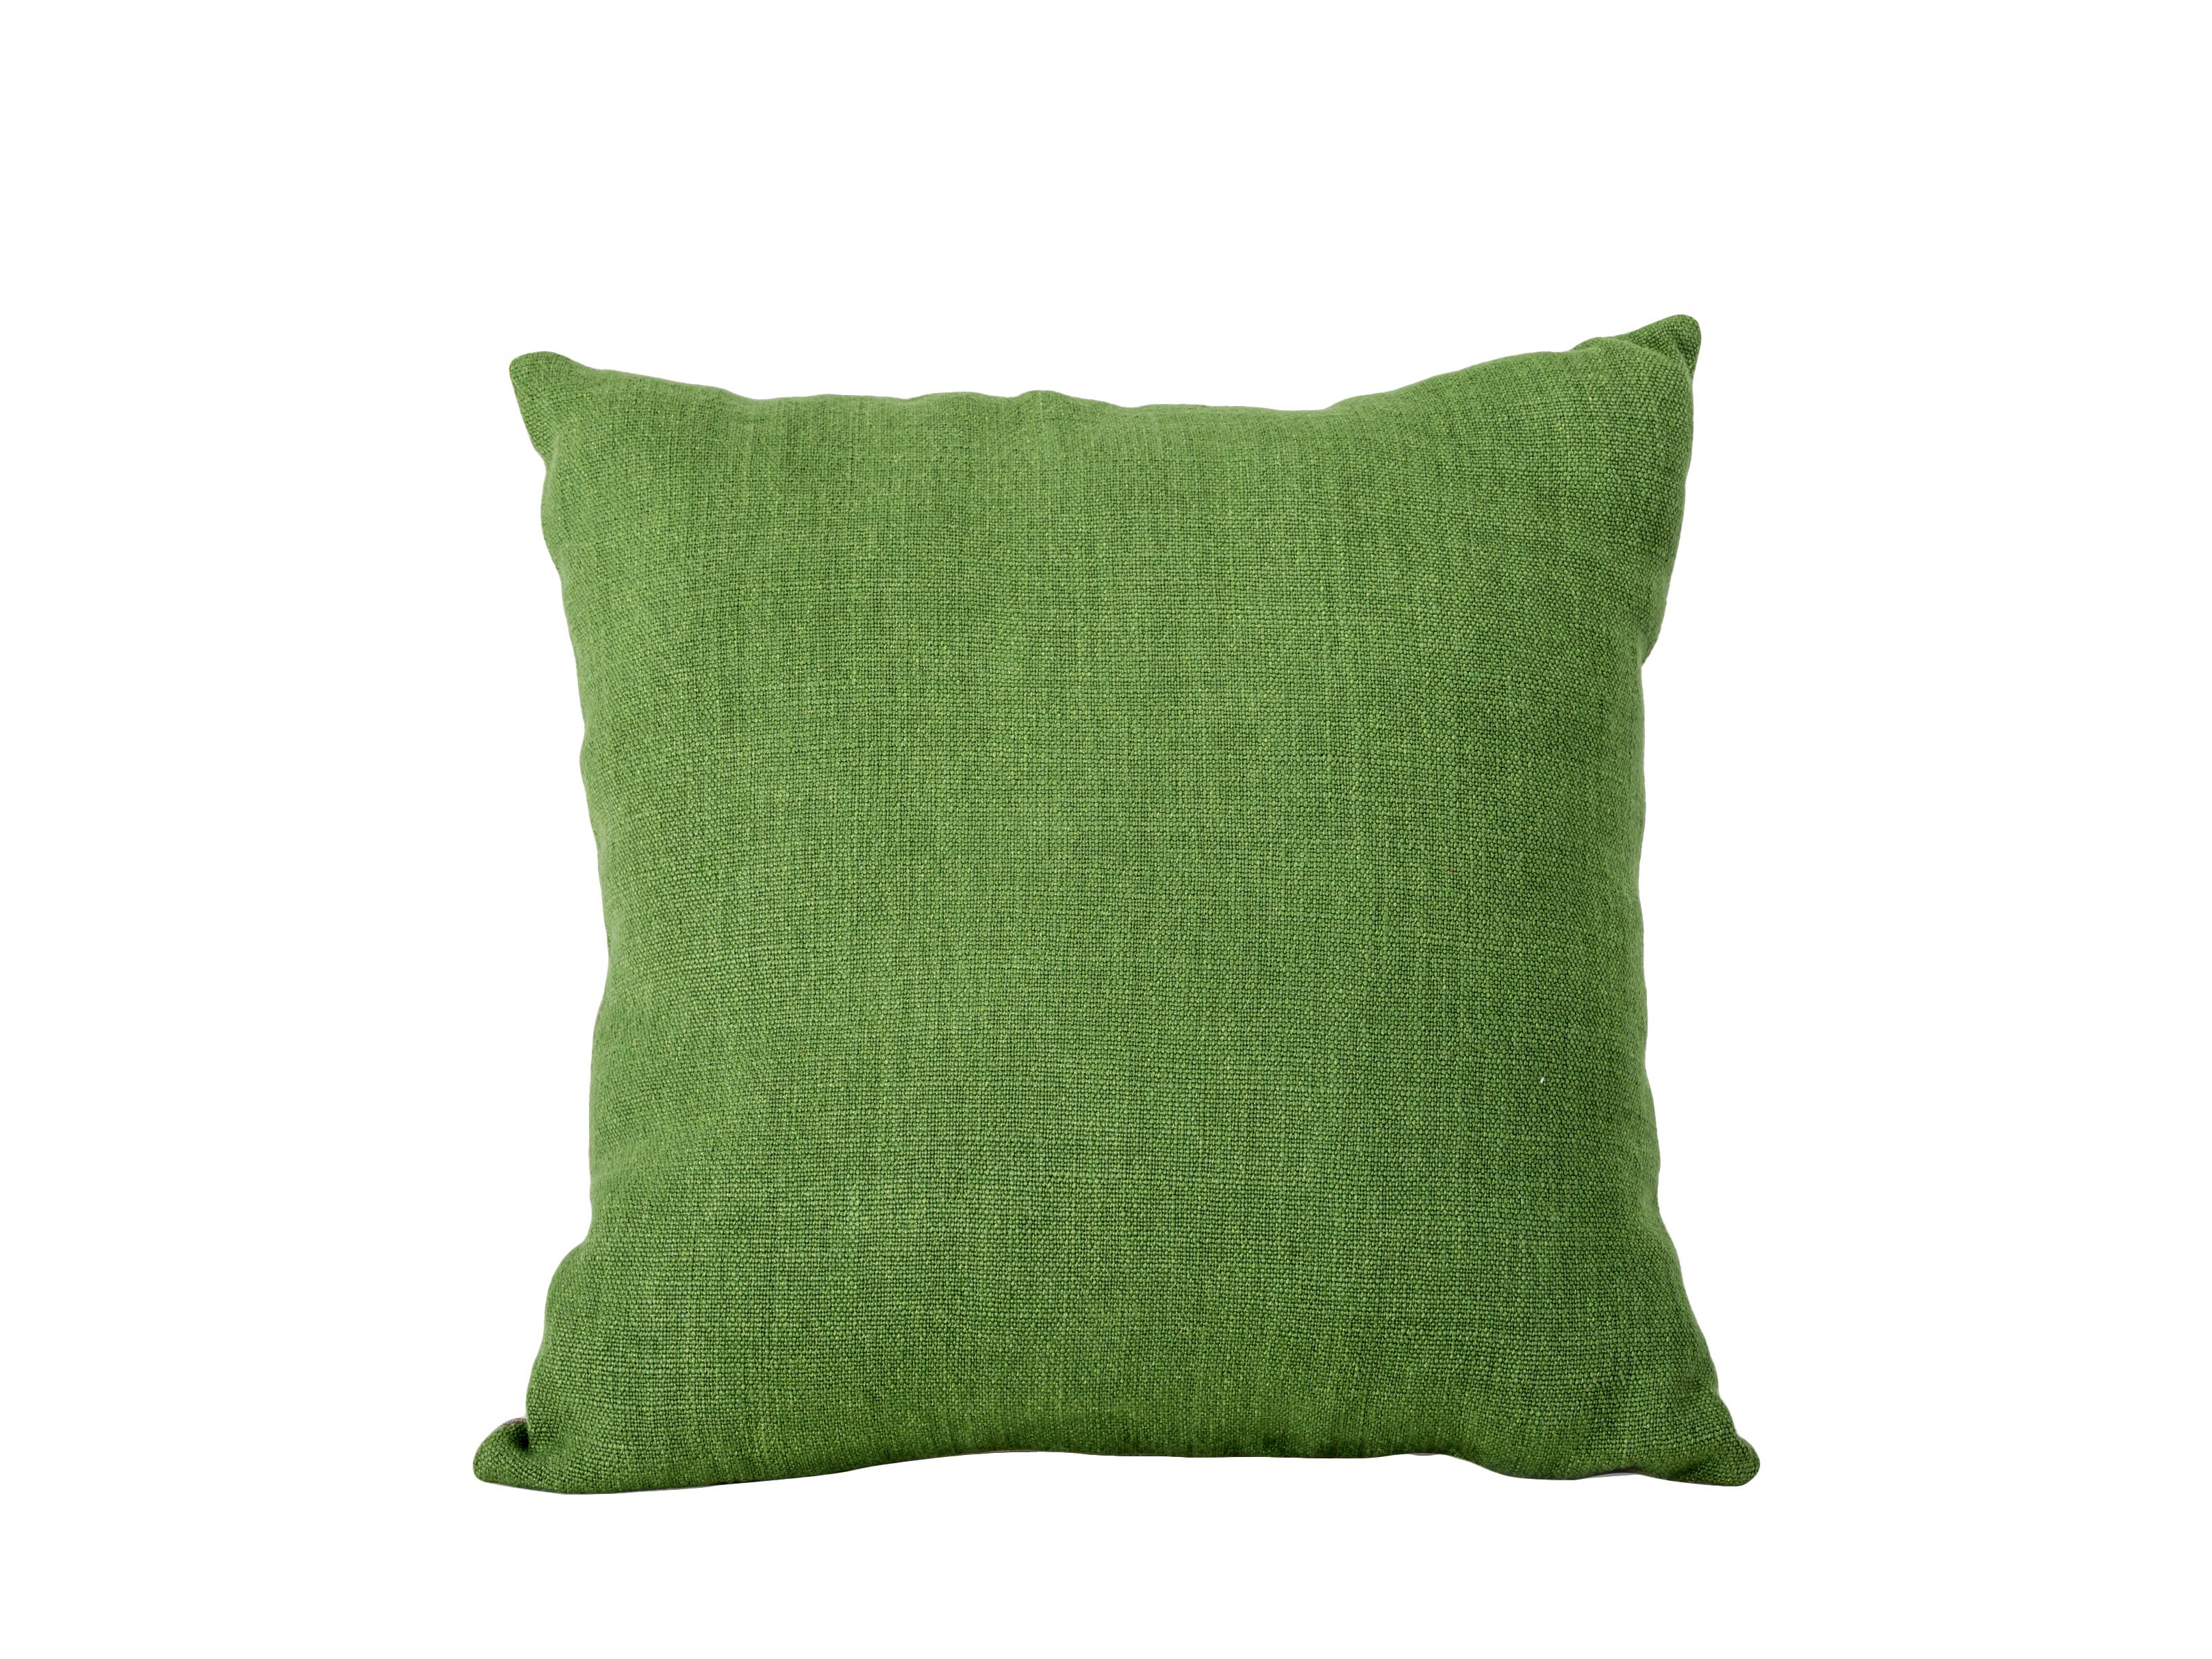 ПодушкаКвадратные подушки и наволочки<br><br><br>Material: Текстиль<br>Width см: 45<br>Height см: 45